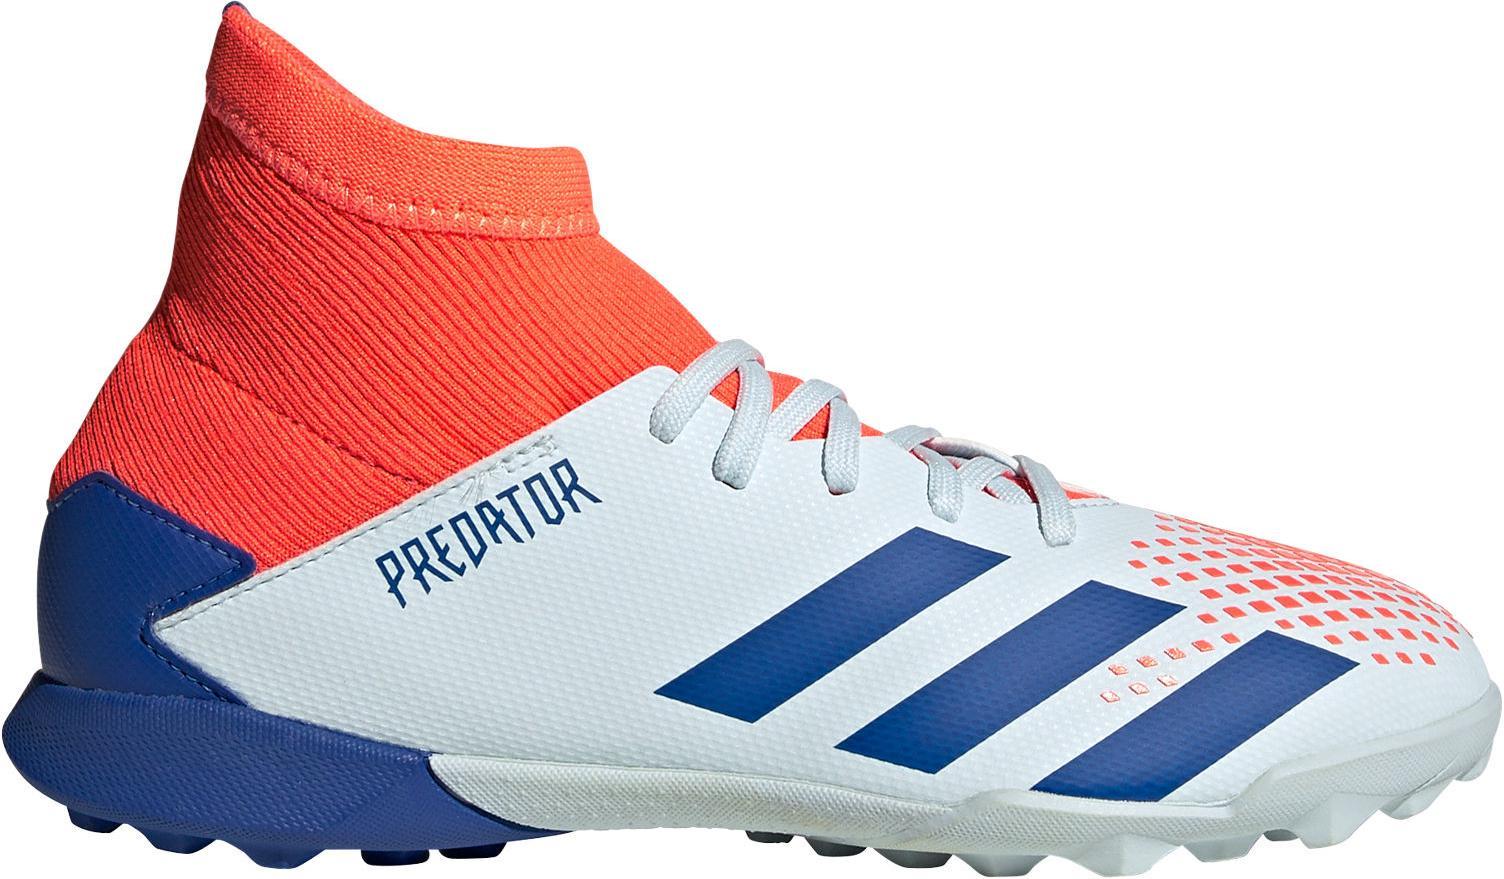 Kopačky adidas PREDATOR 20.3 TF J modrá